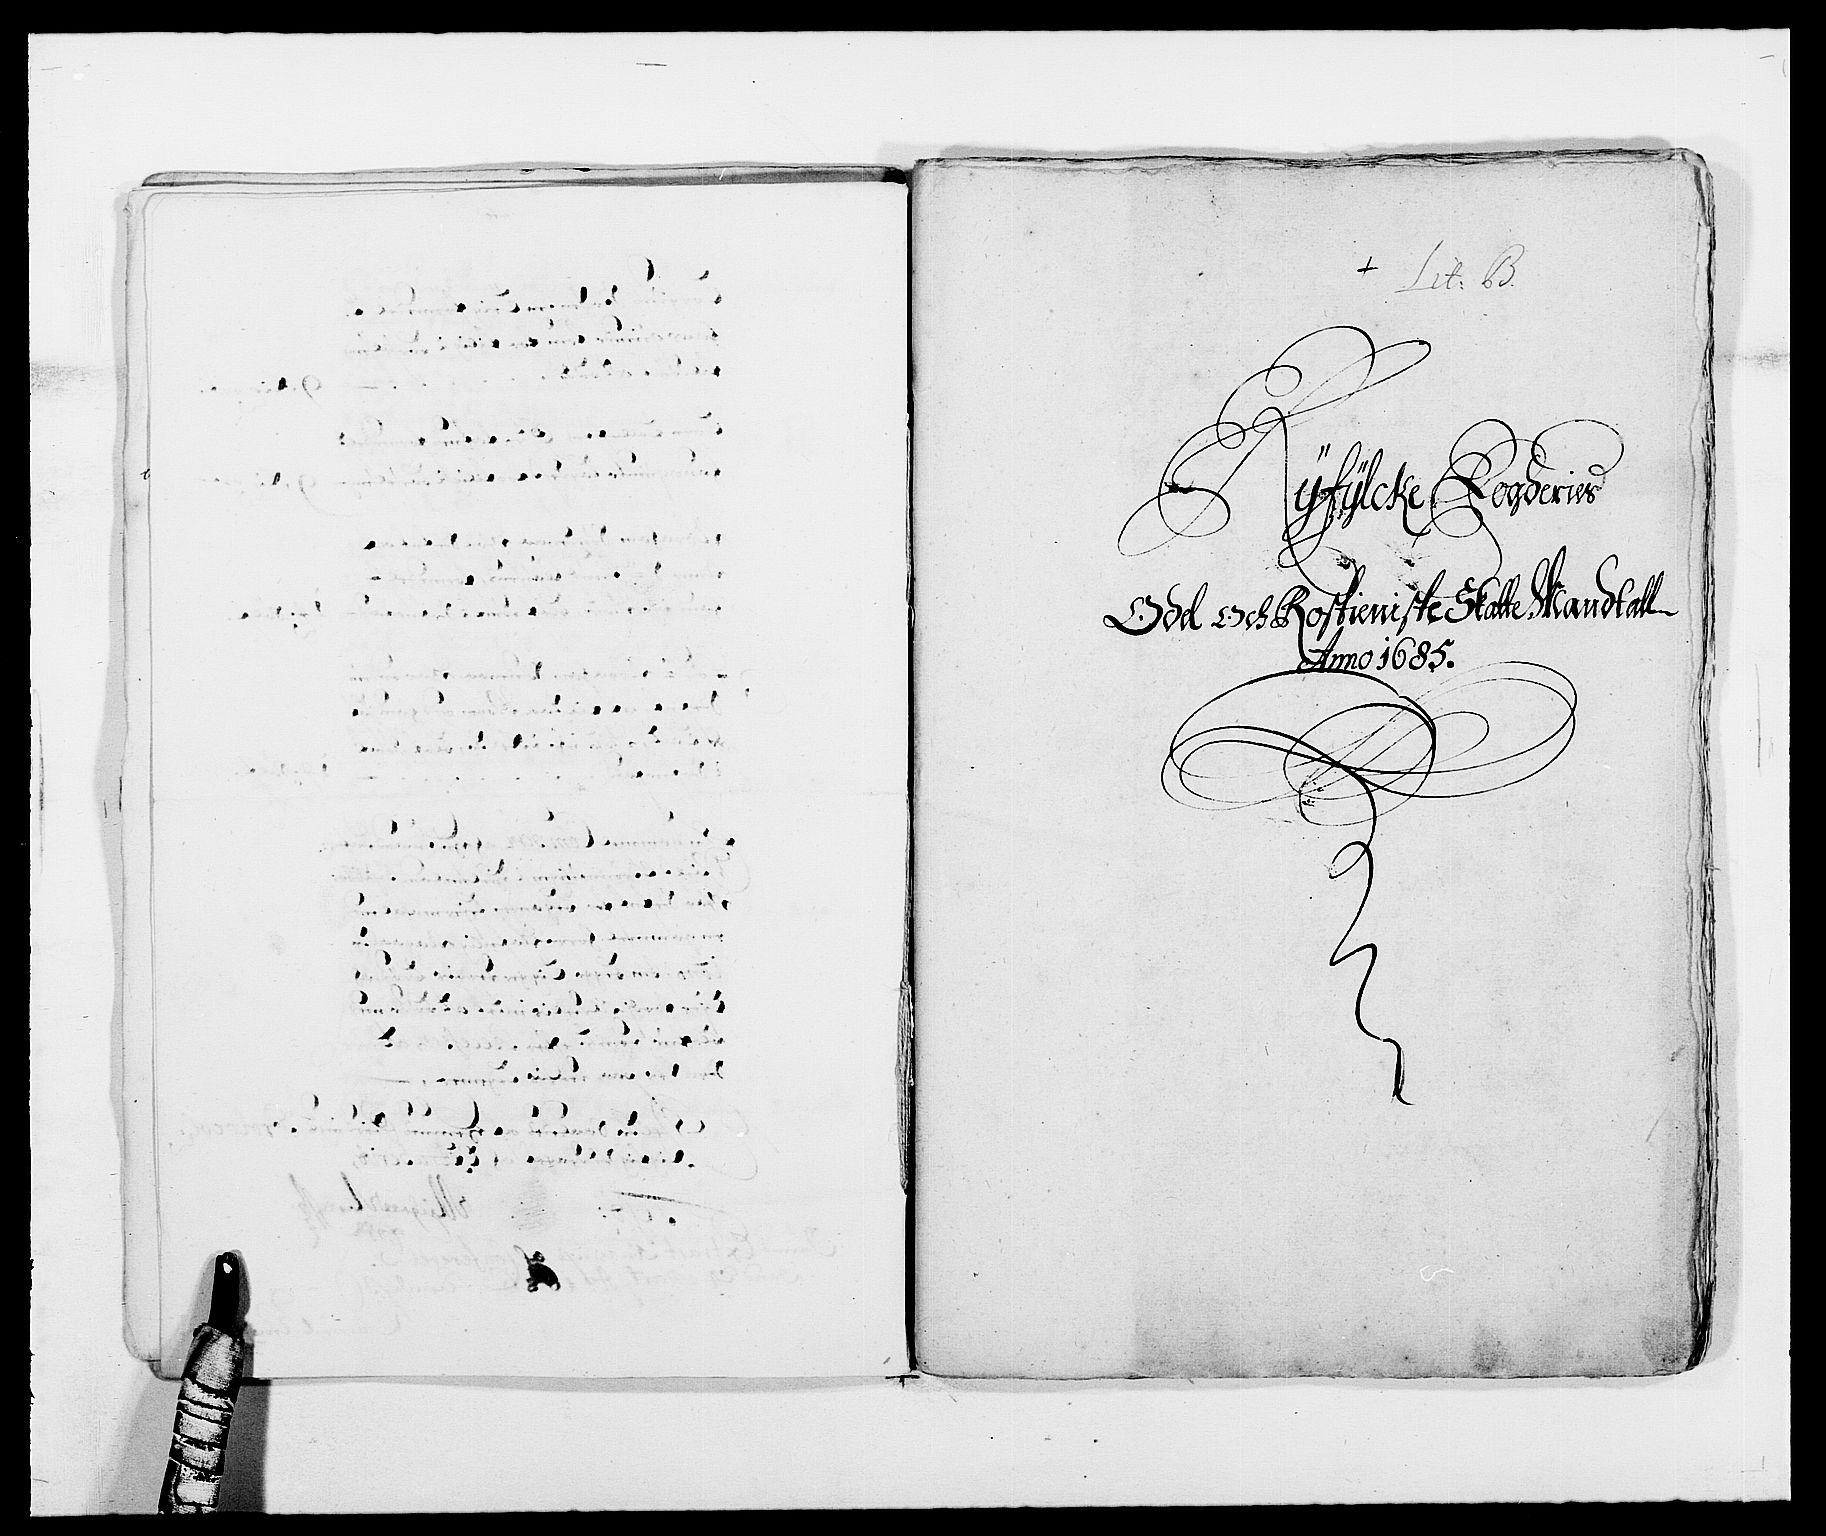 RA, Rentekammeret inntil 1814, Reviderte regnskaper, Fogderegnskap, R47/L2855: Fogderegnskap Ryfylke, 1685-1688, s. 13